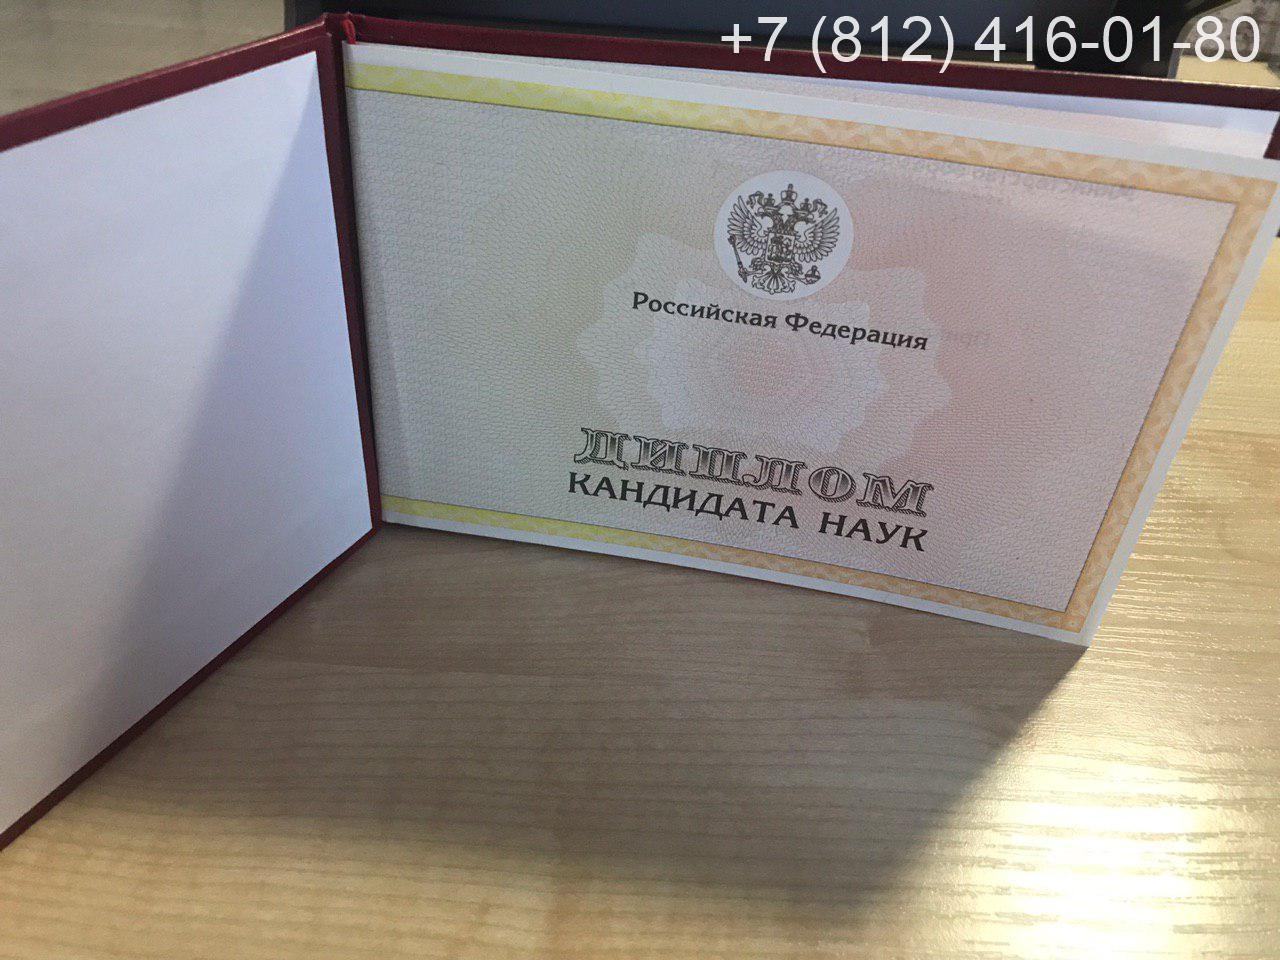 Диплом кандидата наук нового образца